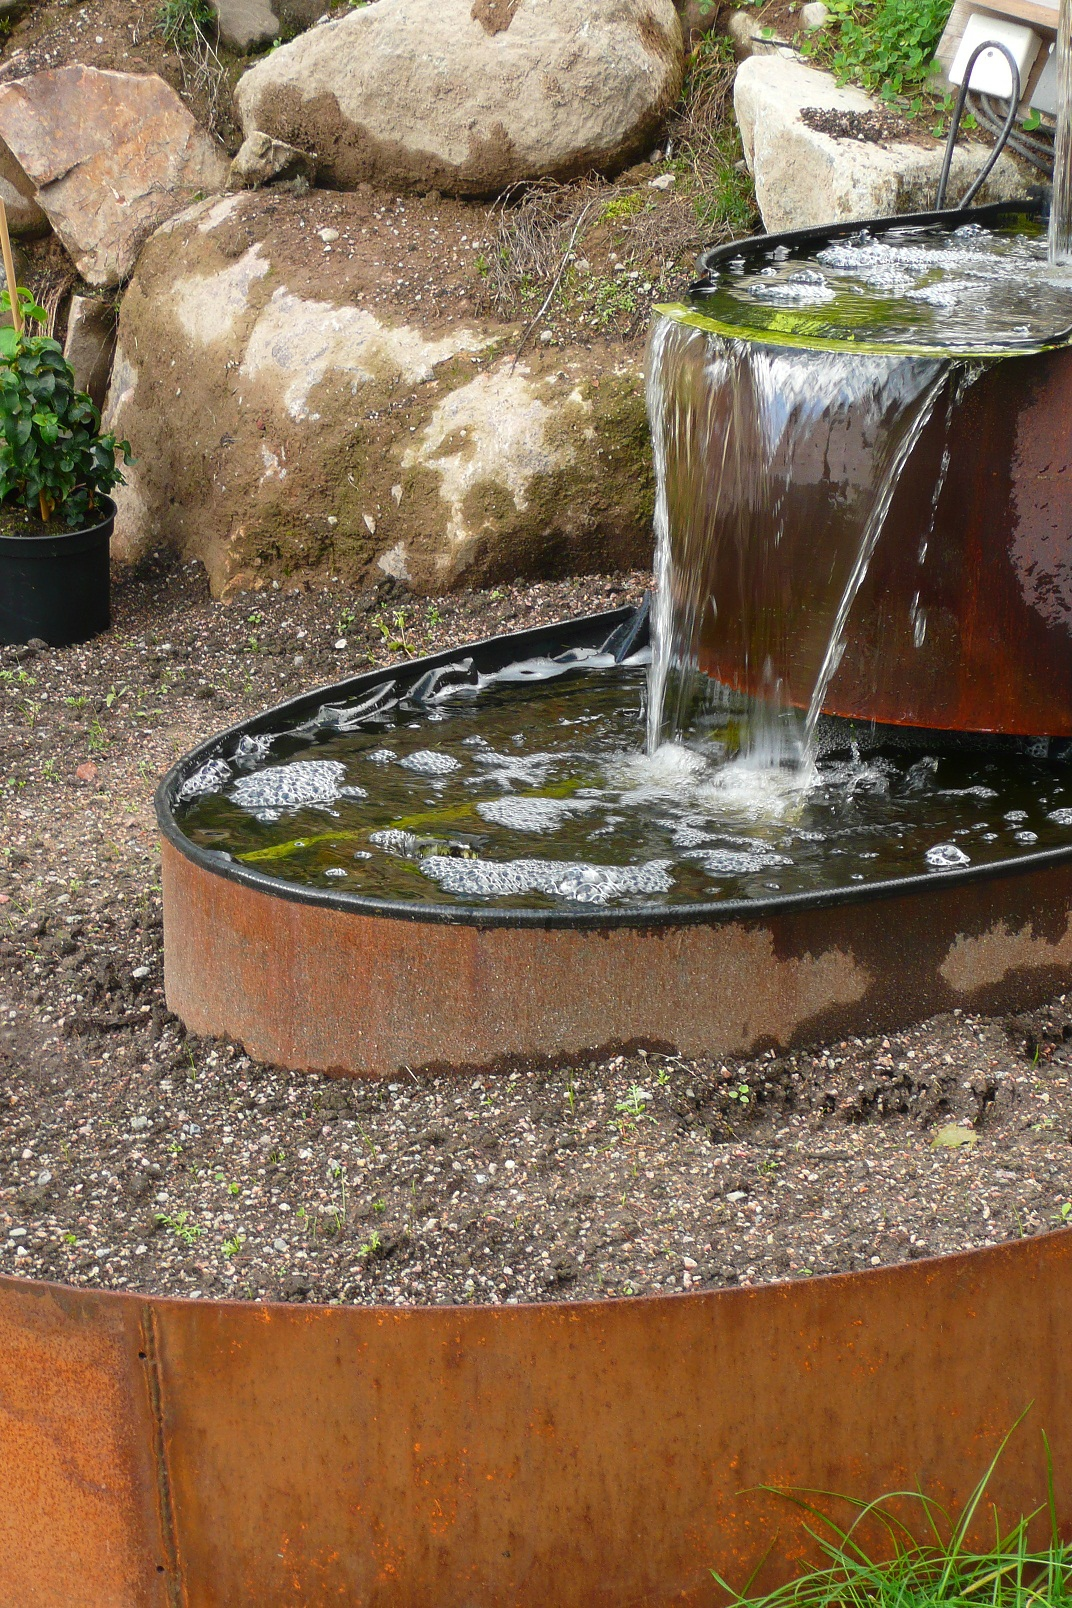 Projekt: trädgårdsdesign, uddevalla   john tizzard trädgårdsarkitekt